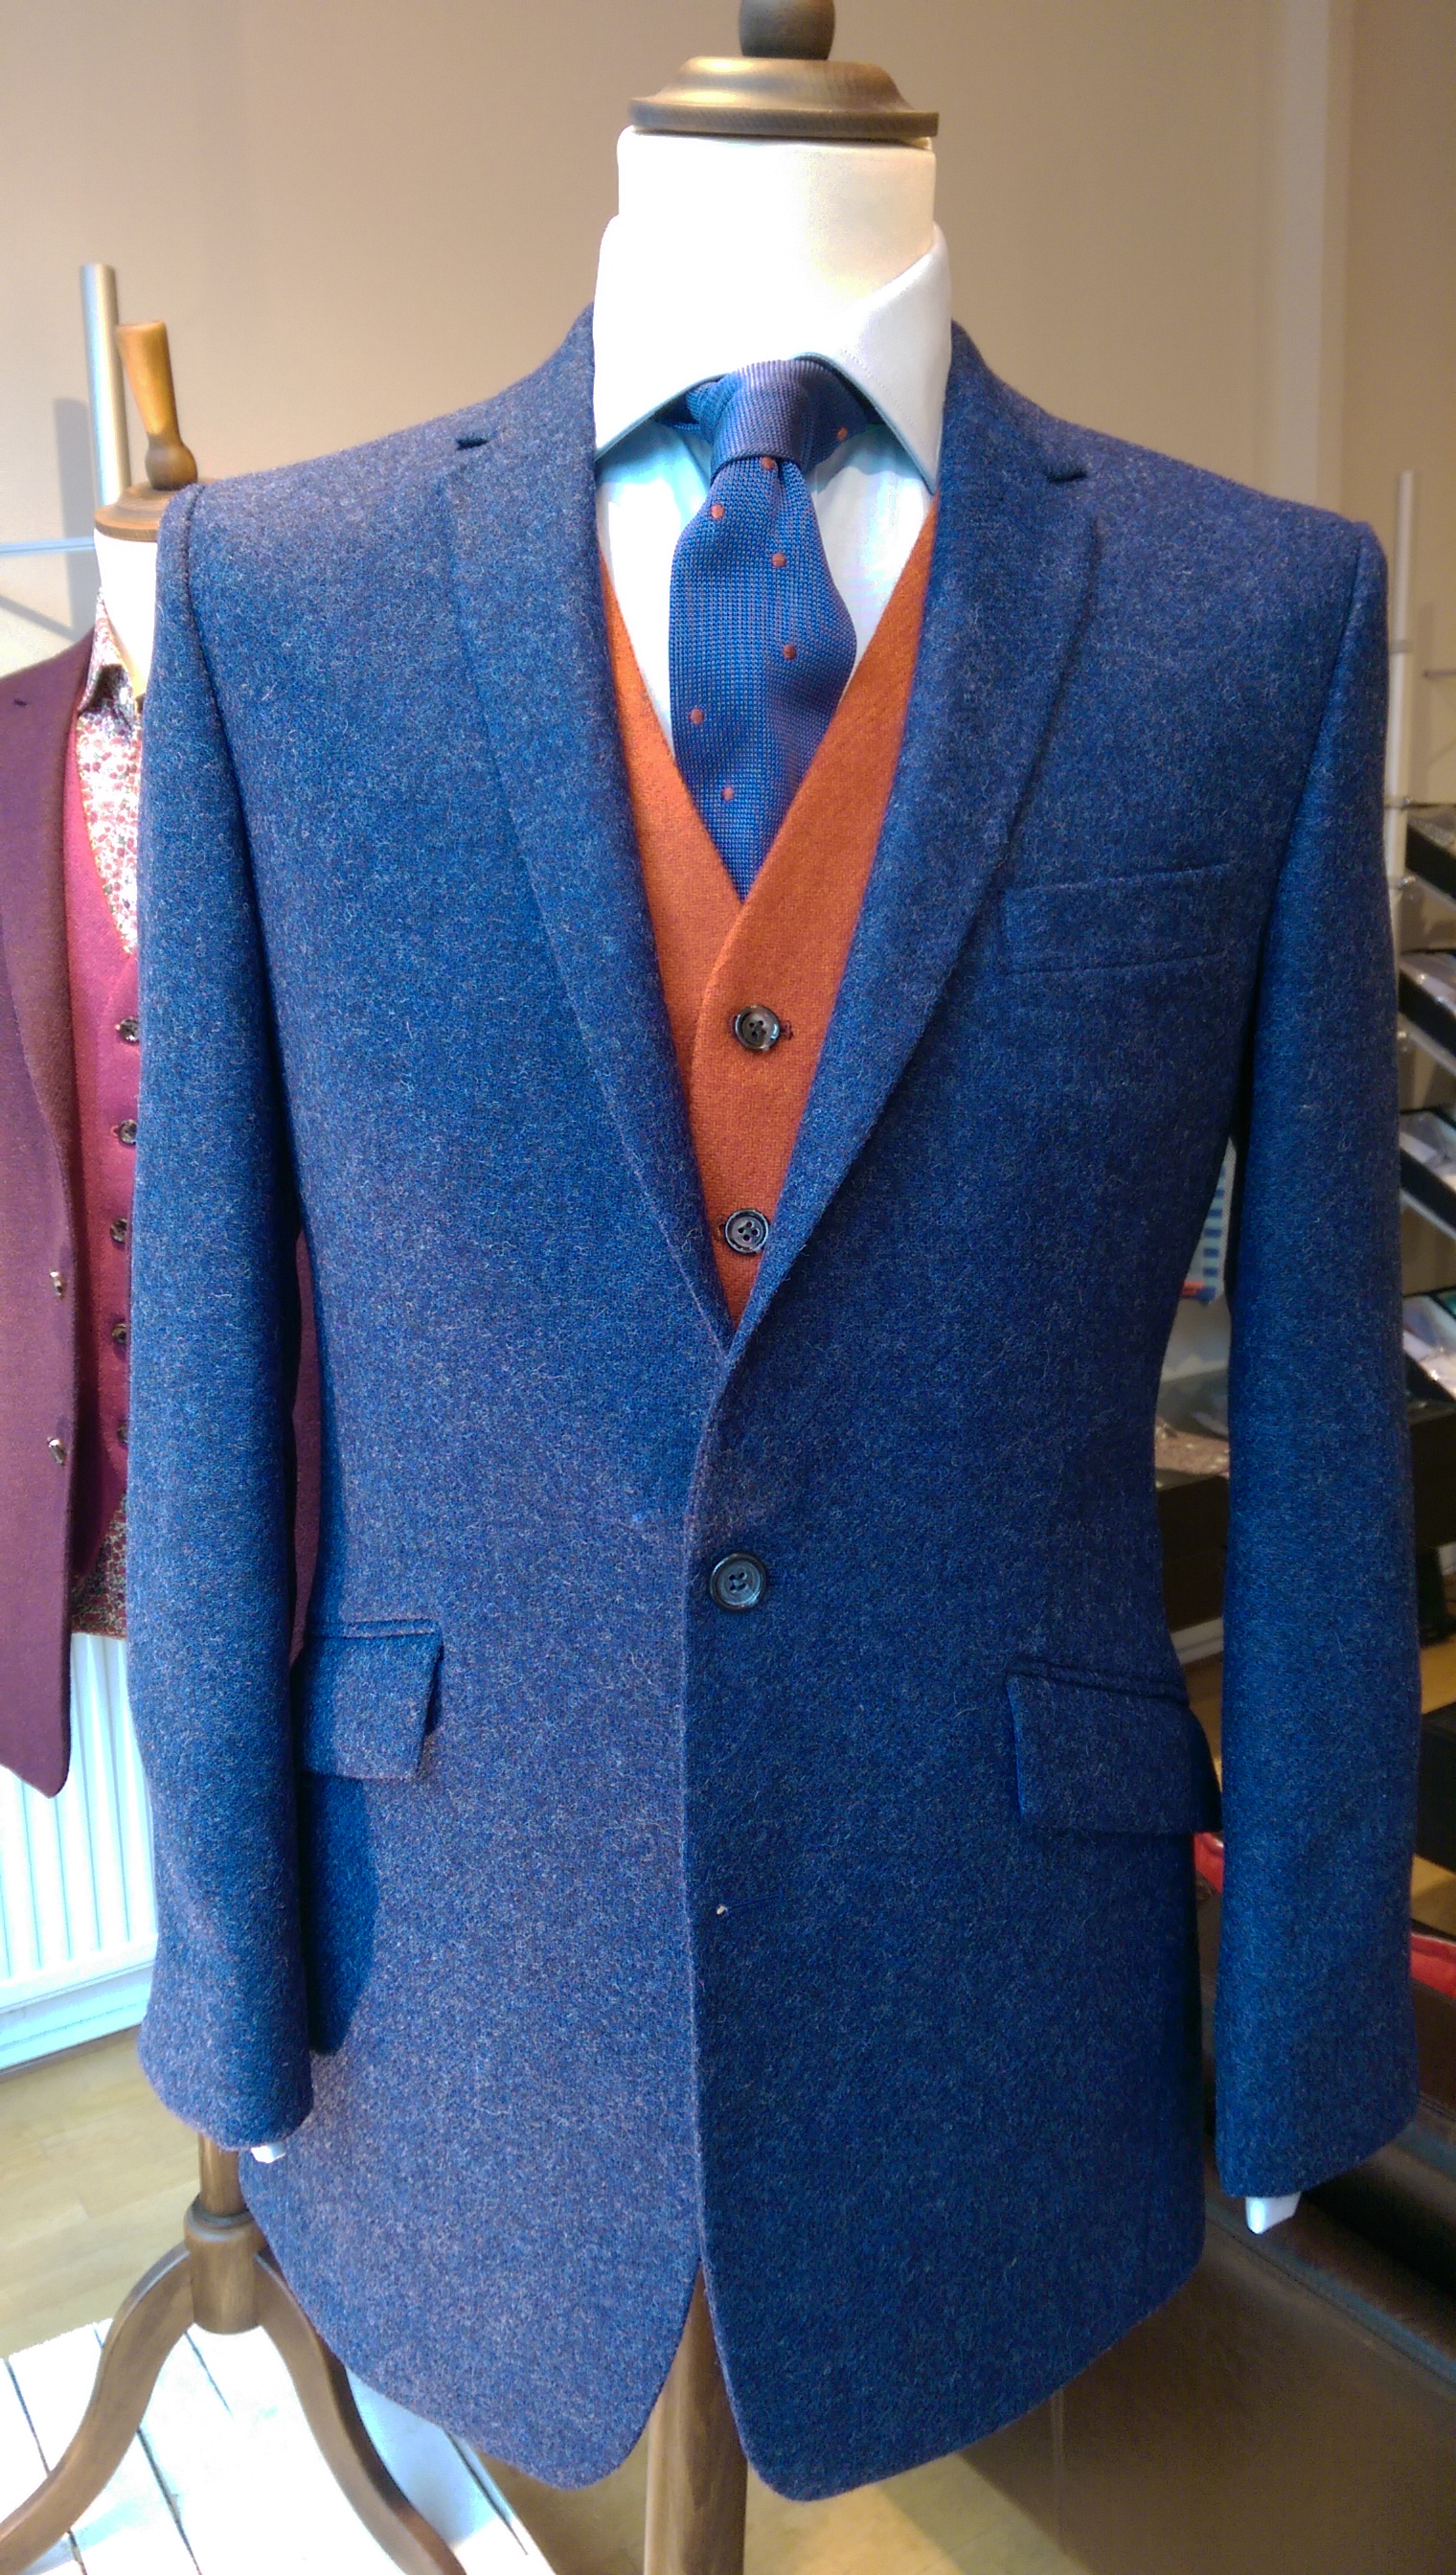 blue-tweed-wool-moon-orange-waistcoat-jacket-british-uk-made-augustus-hare-tie.jpg